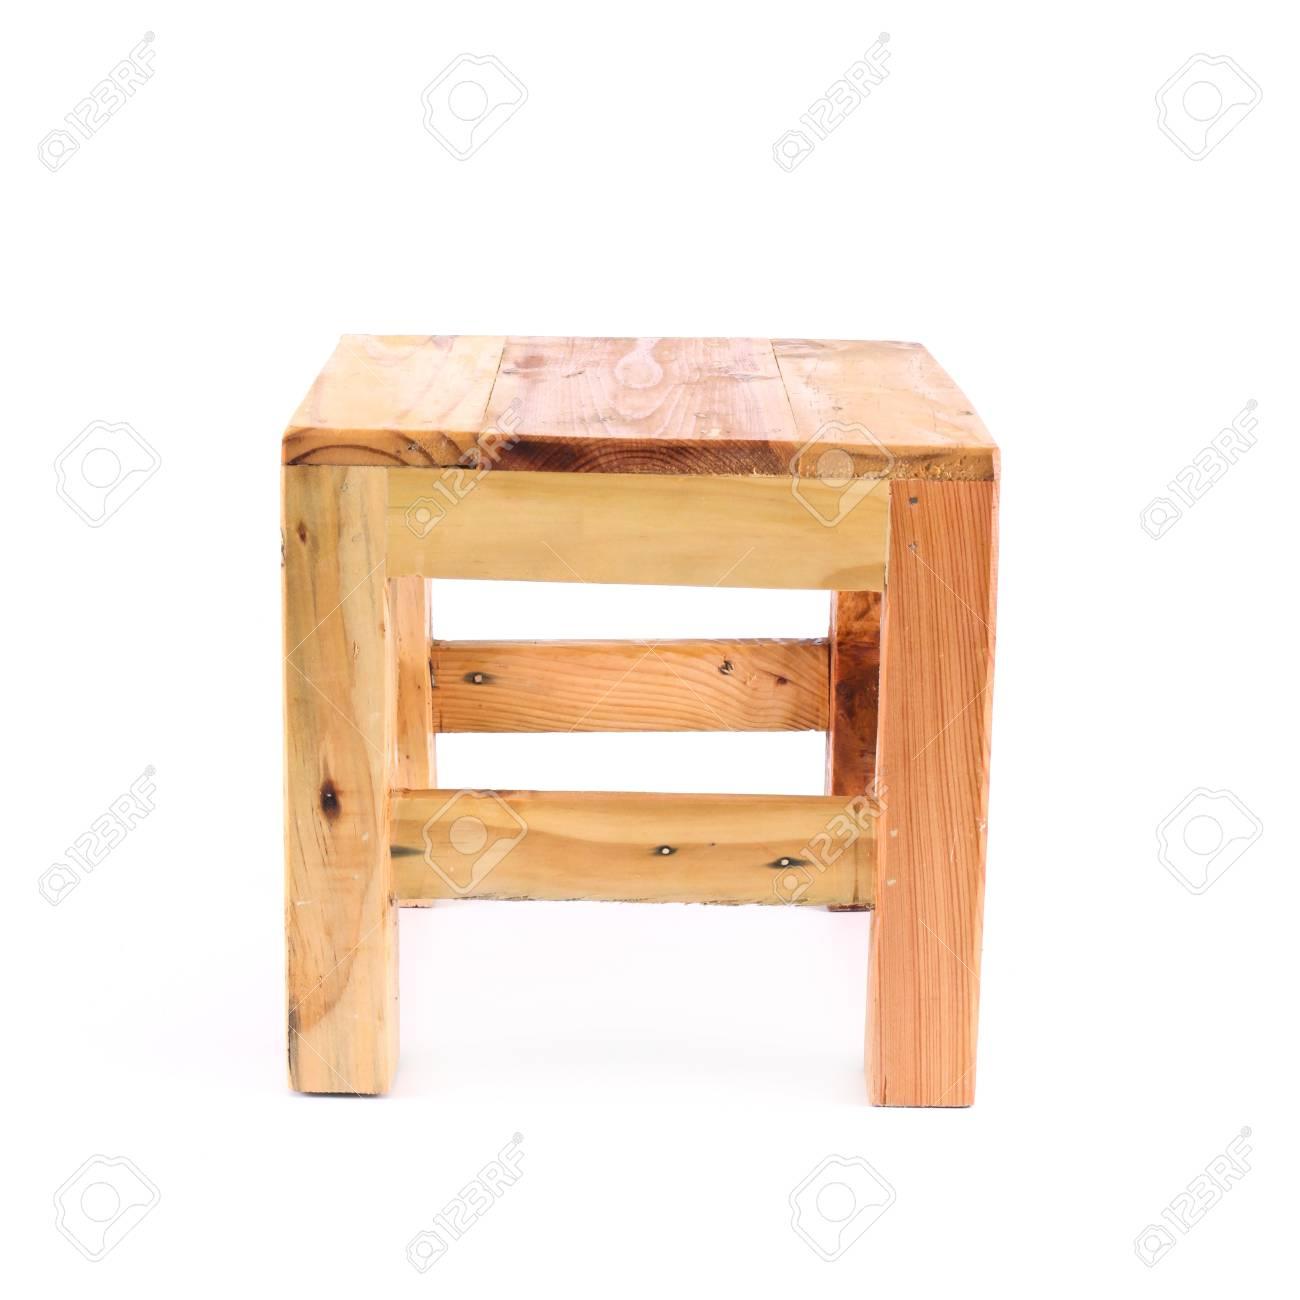 Bemerkenswert Stuhl Holz Ideen Von Isoliert Auf Weißem Hintergrund Standard-bild - 14848398